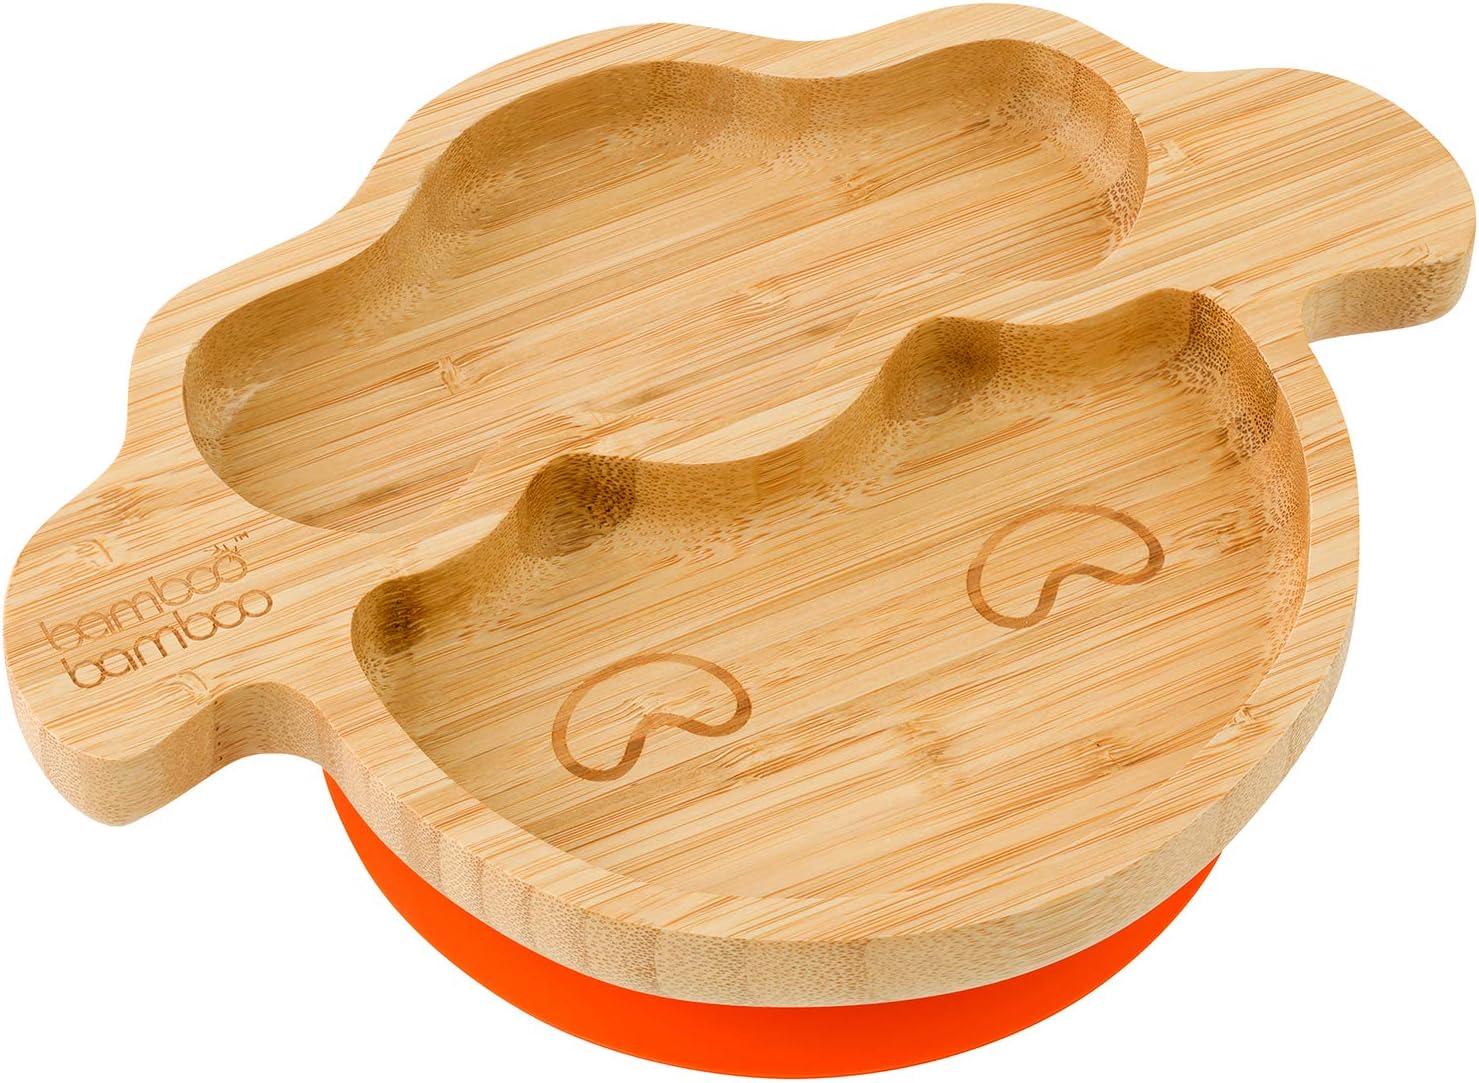 Piatto per bambini e neonati con ventosa per tenerlo fermo in bamb/ù naturale